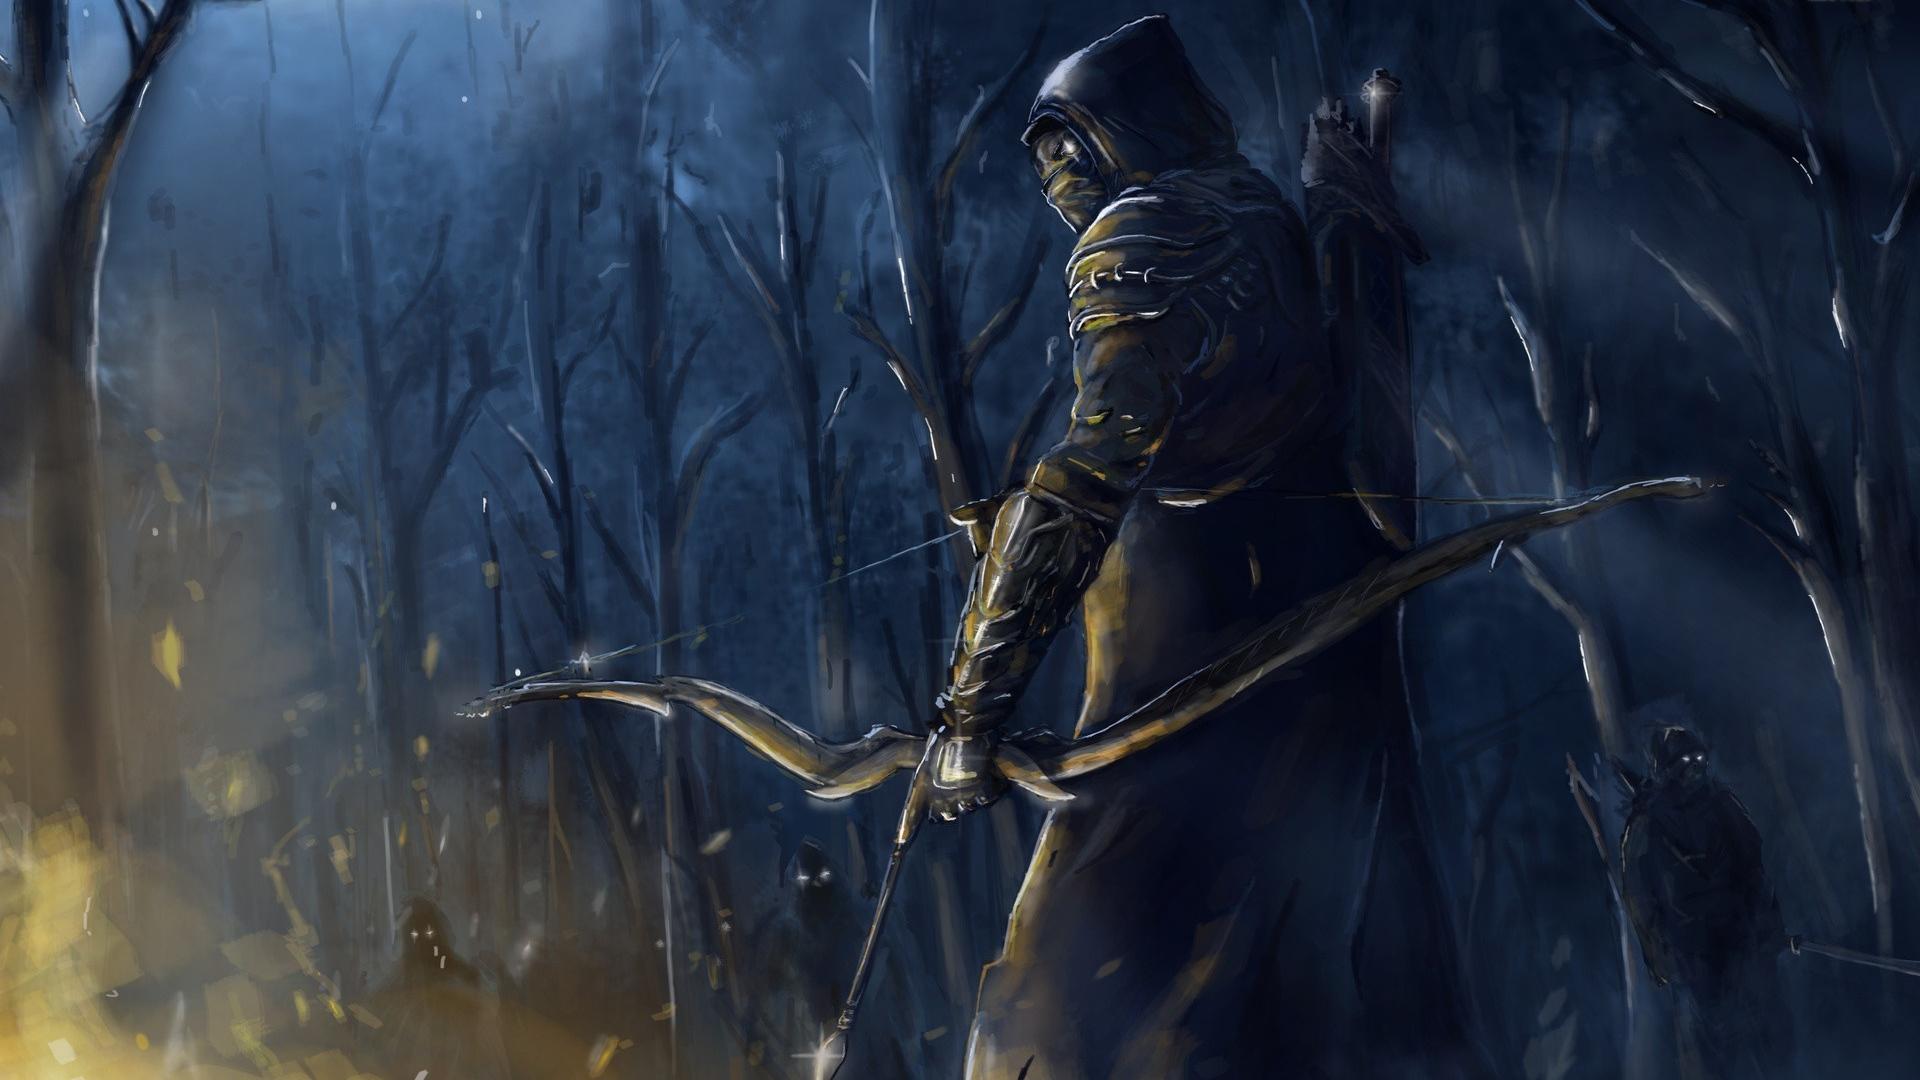 Elder Scrolls Online The Archer Desktop Wallpapers 1920x1080